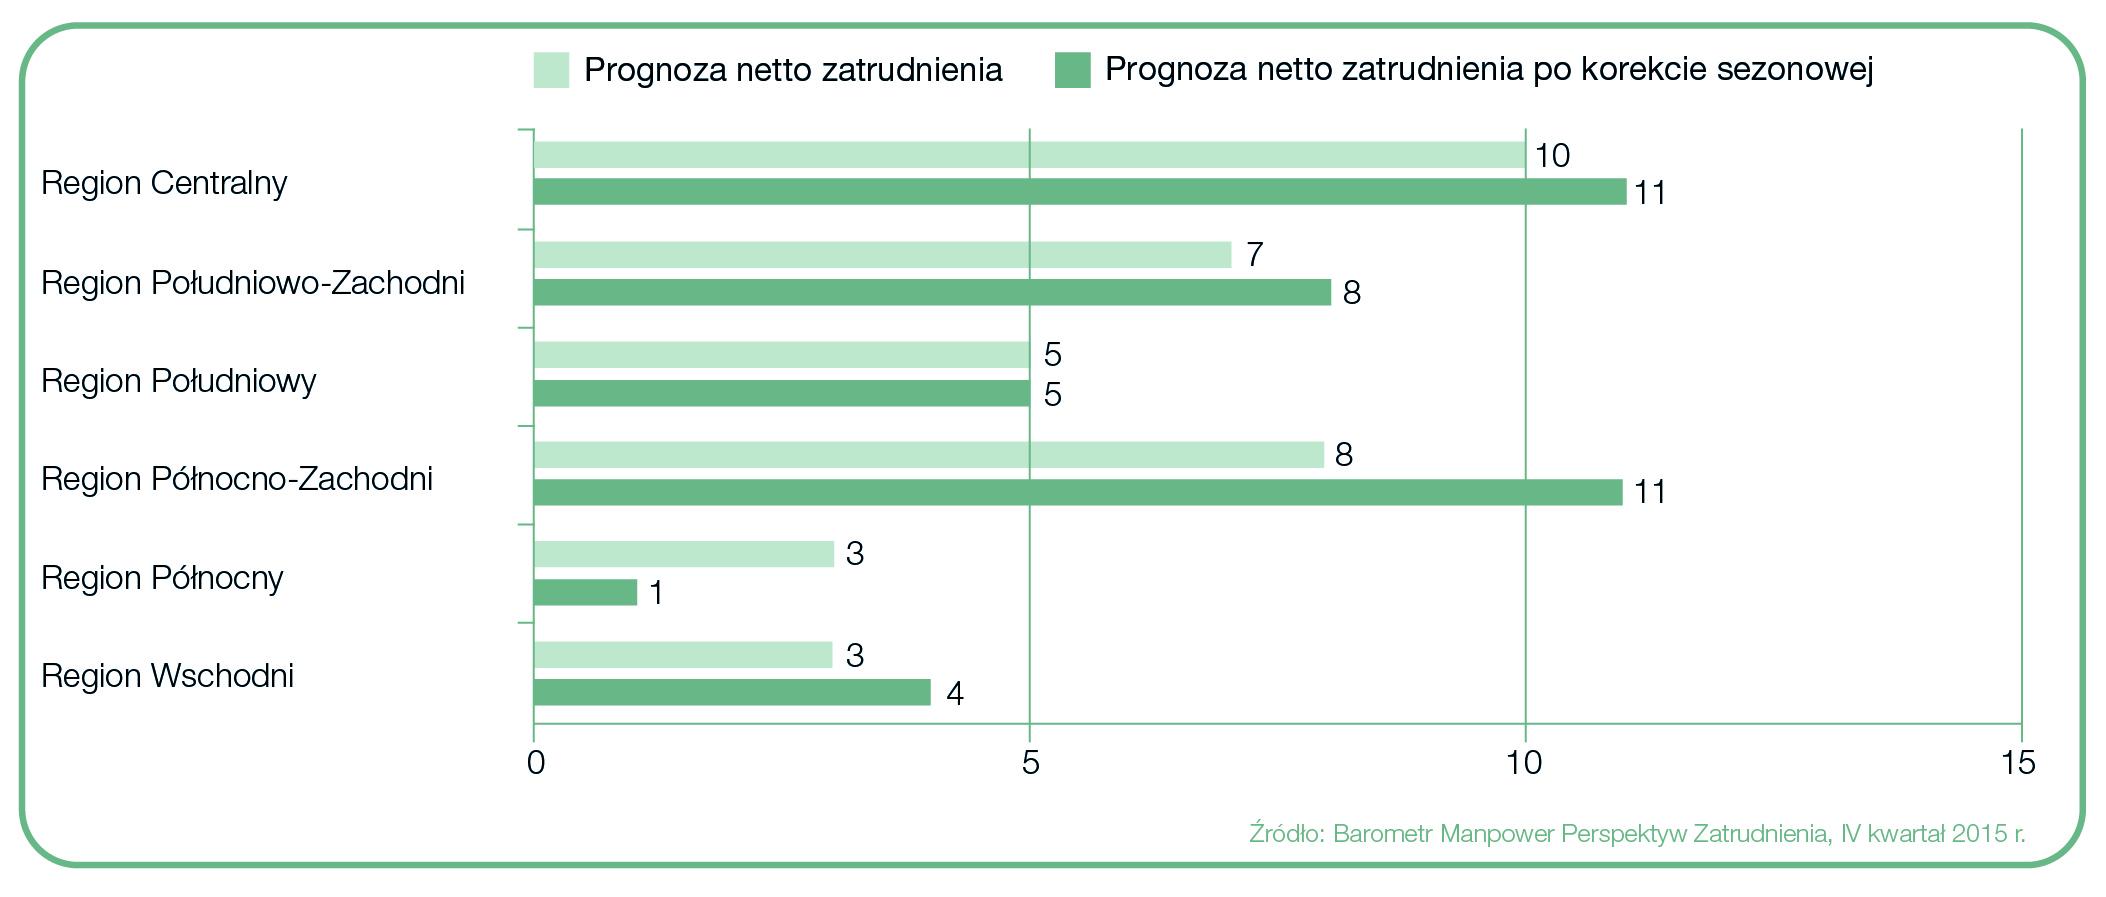 Prognozy zatrudnienia w regionach Polska-Barometr Manpower